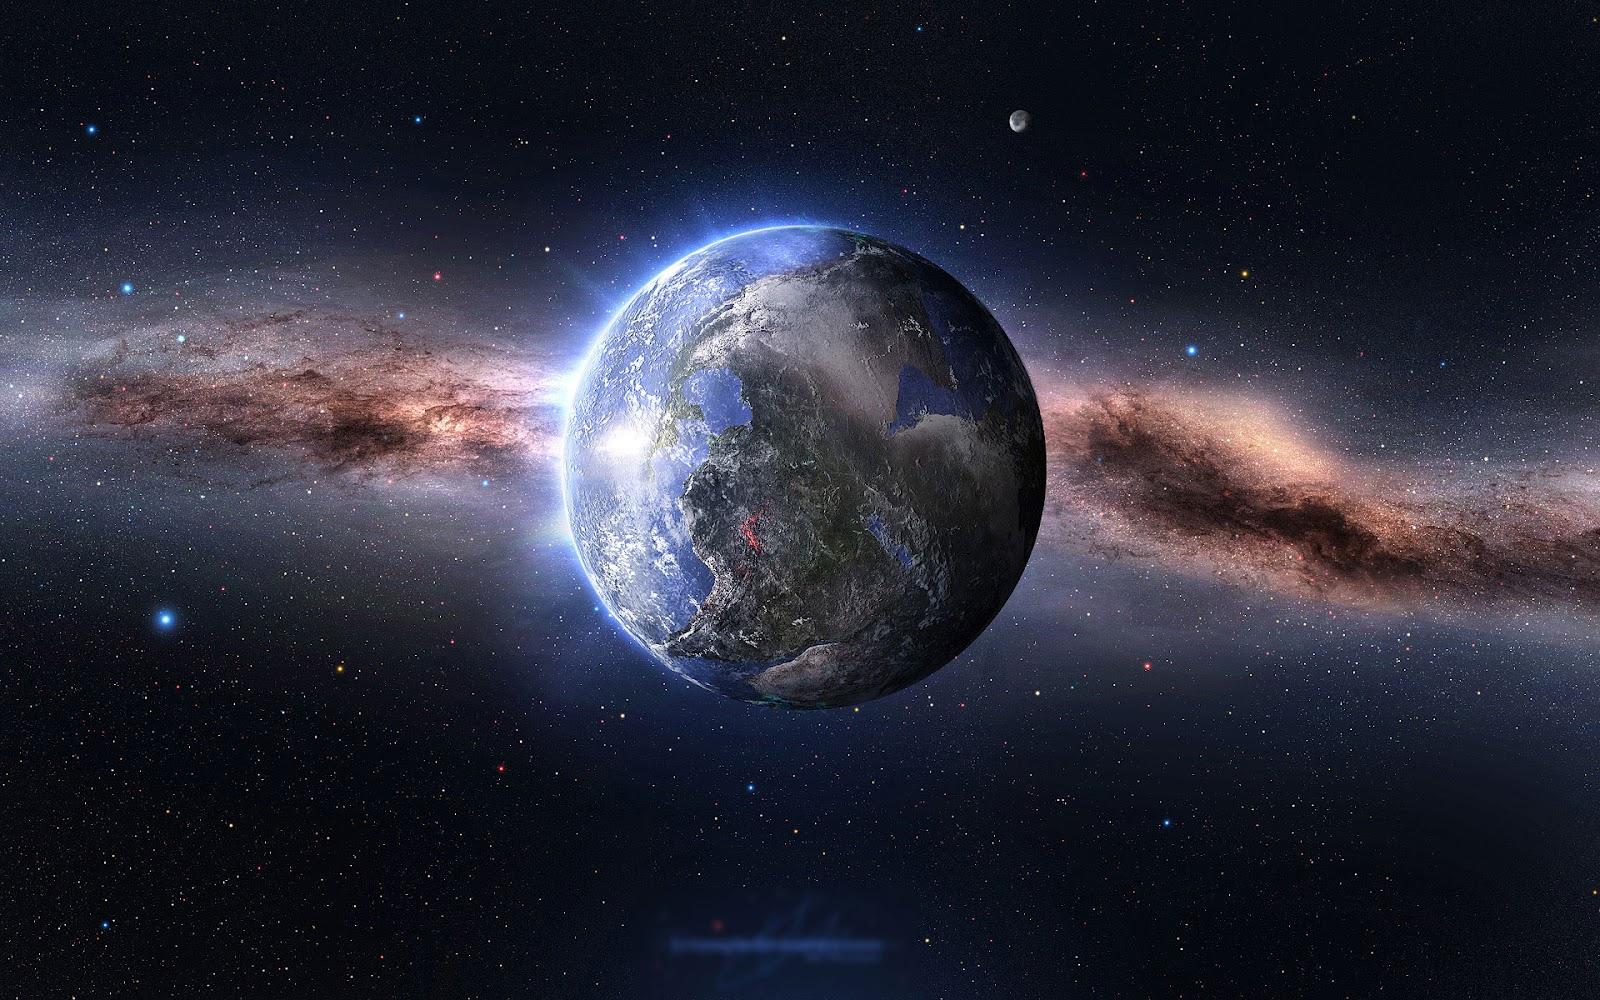 http://3.bp.blogspot.com/-u7erTjl2dic/UGuGDATCs5I/AAAAAAAAFJ0/LJjmvRTSxrw/s1600/earth-hd-wallpaper-1.jpg